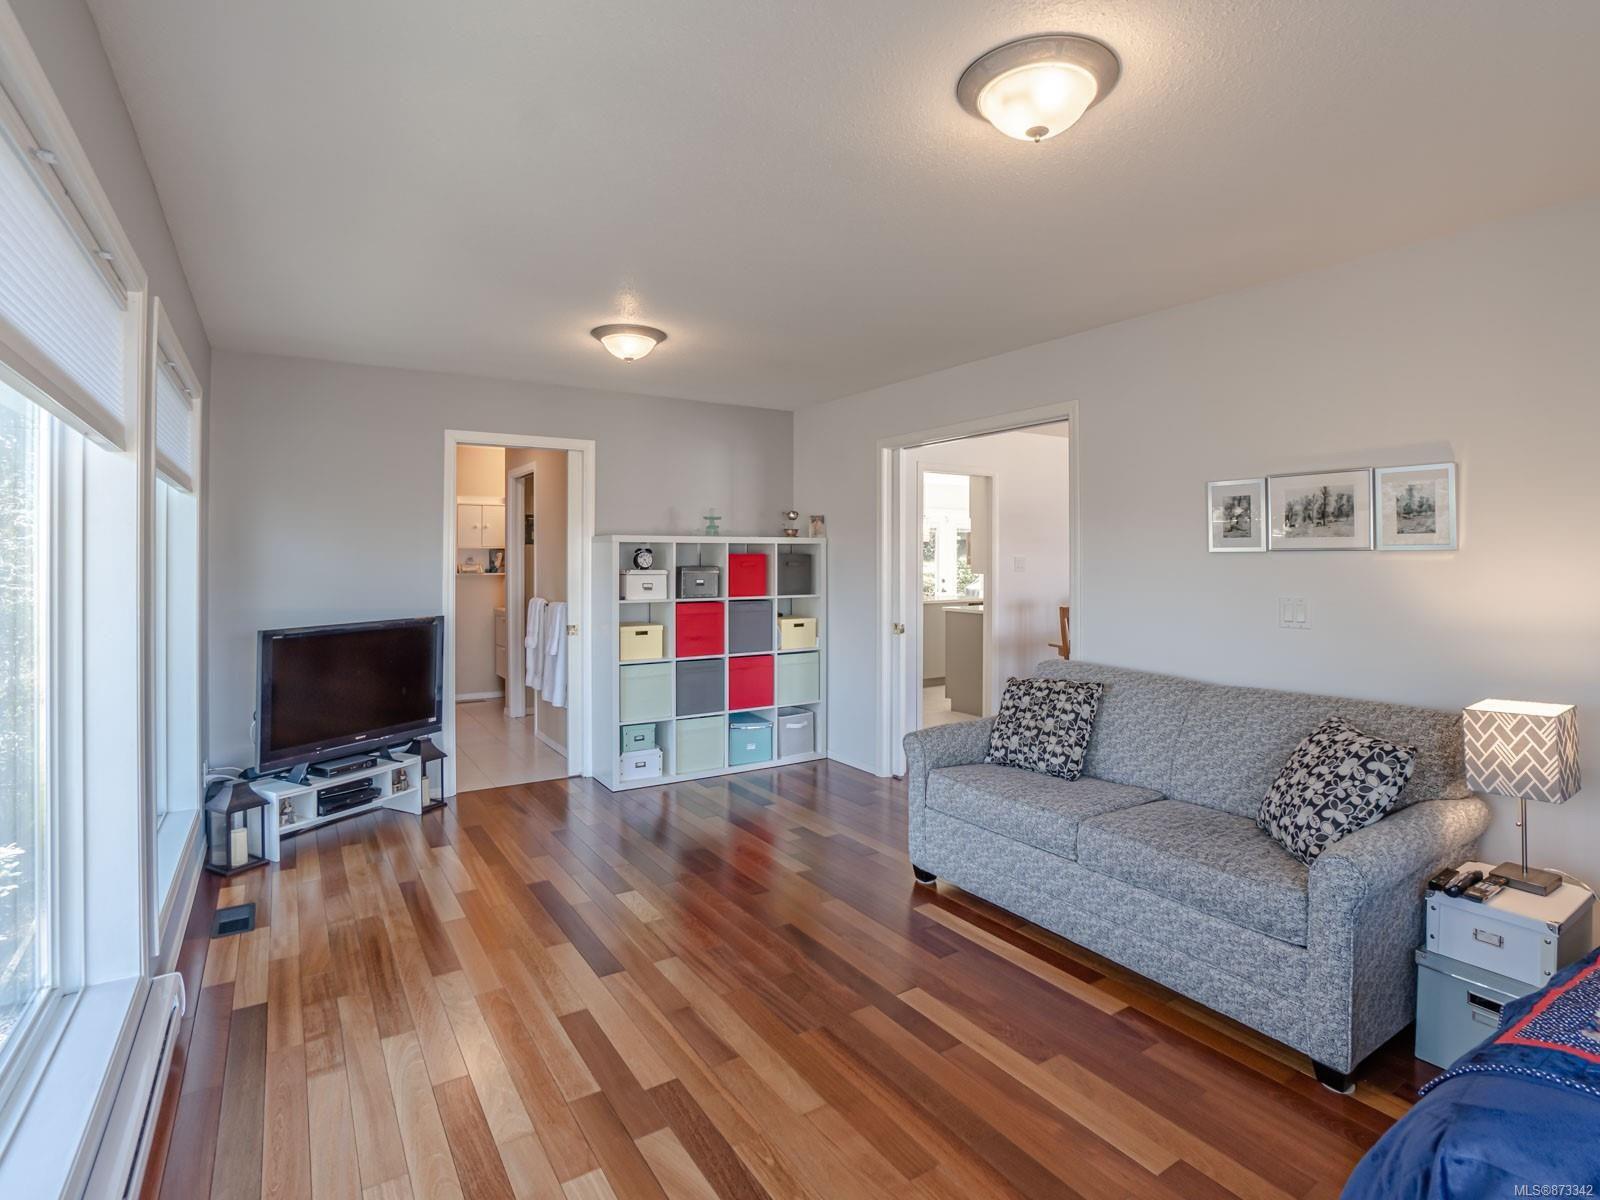 Photo 19: Photos: 5294 Catalina Dr in : Na North Nanaimo House for sale (Nanaimo)  : MLS®# 873342